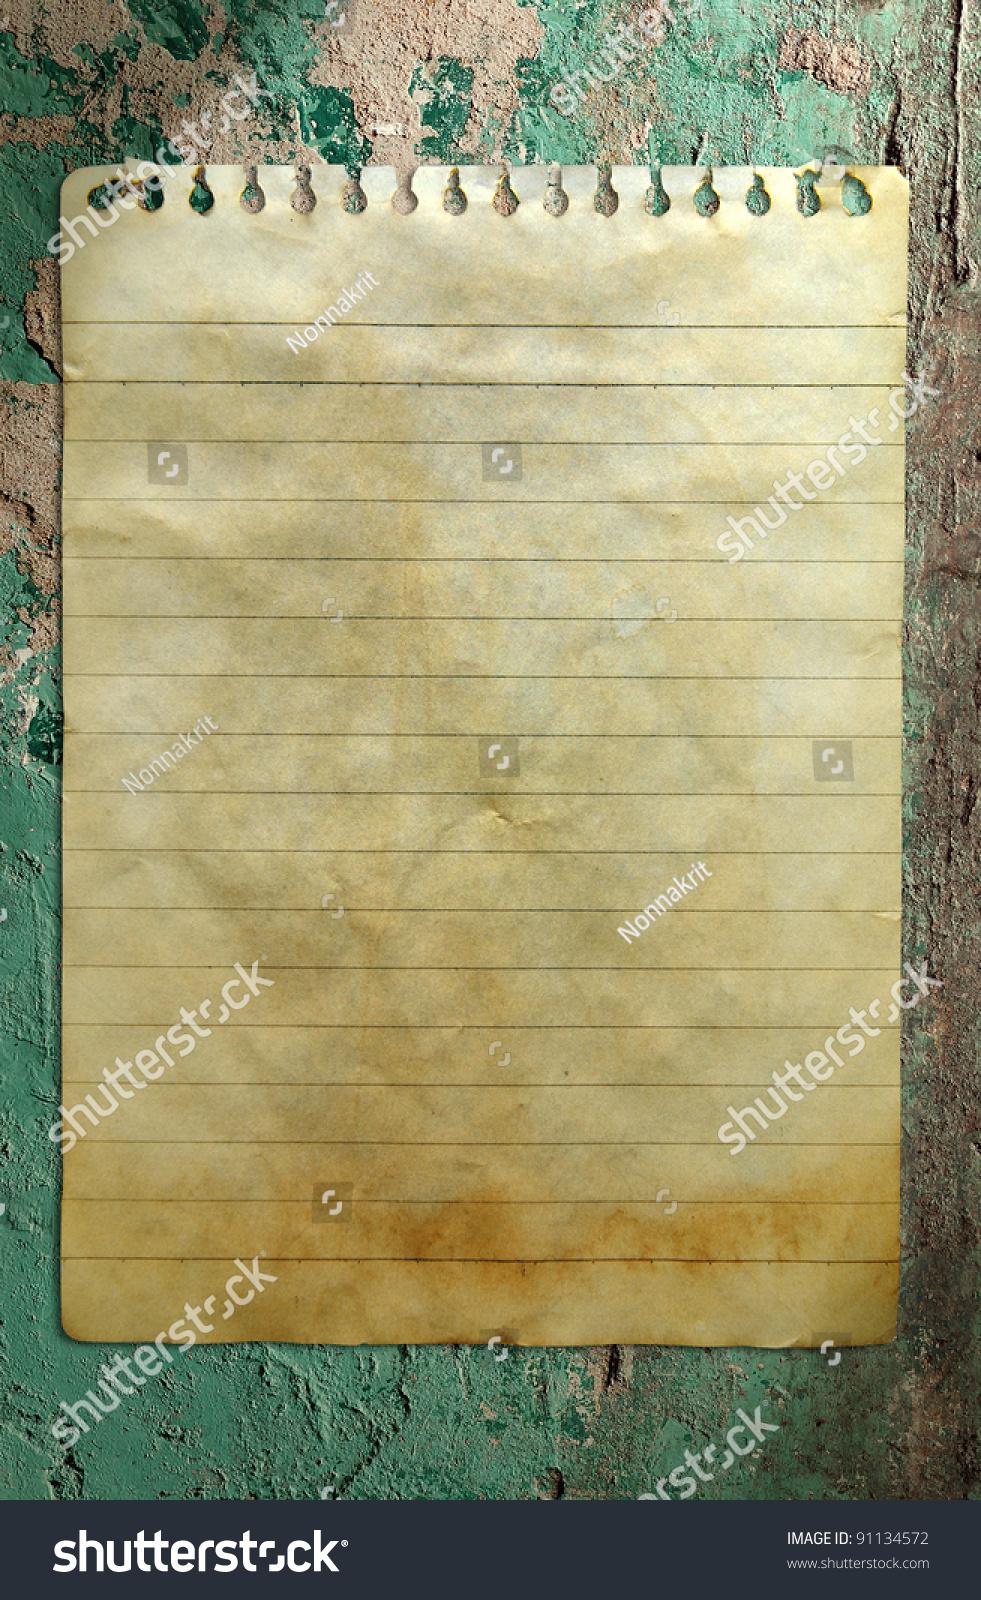 旧的笔记本纸墙背景-背景/素材,复古风格-海洛创意()